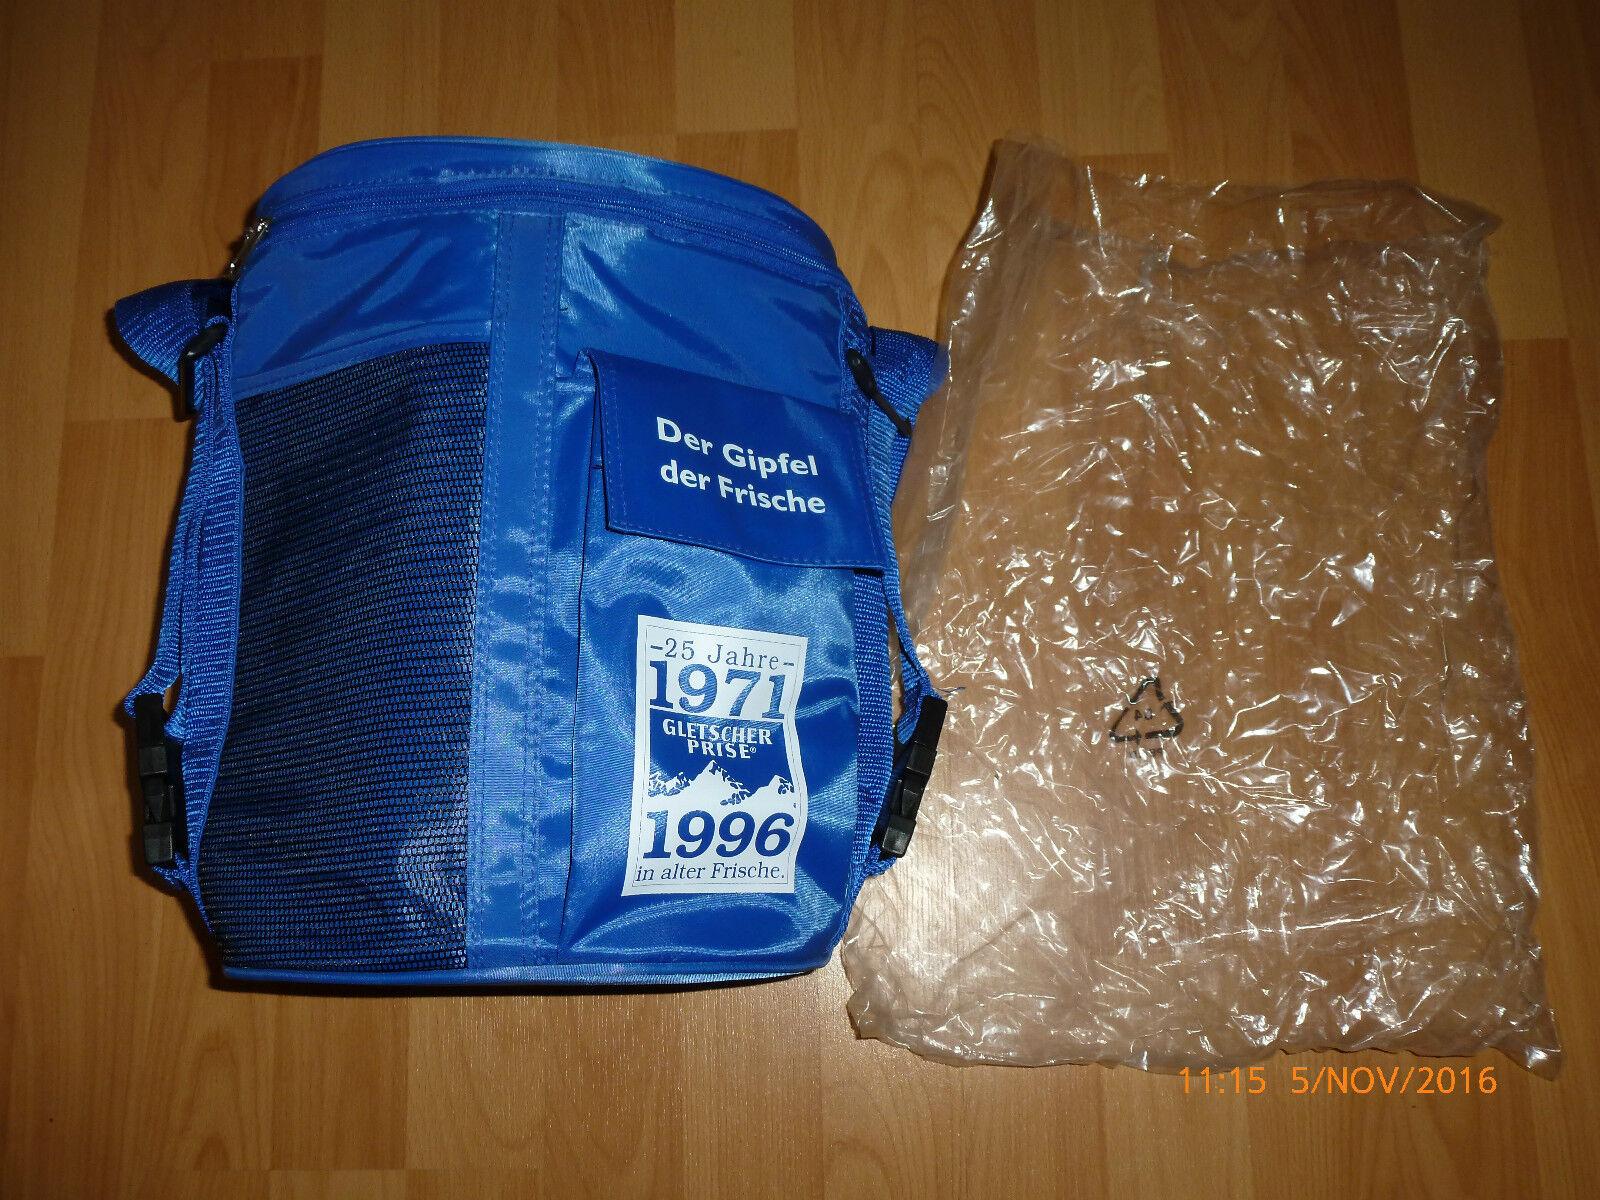 Kühltasche, Kühlbox Tasche von Gletscher Prise  25 Jubiläum 1971-1996  unbenutzt